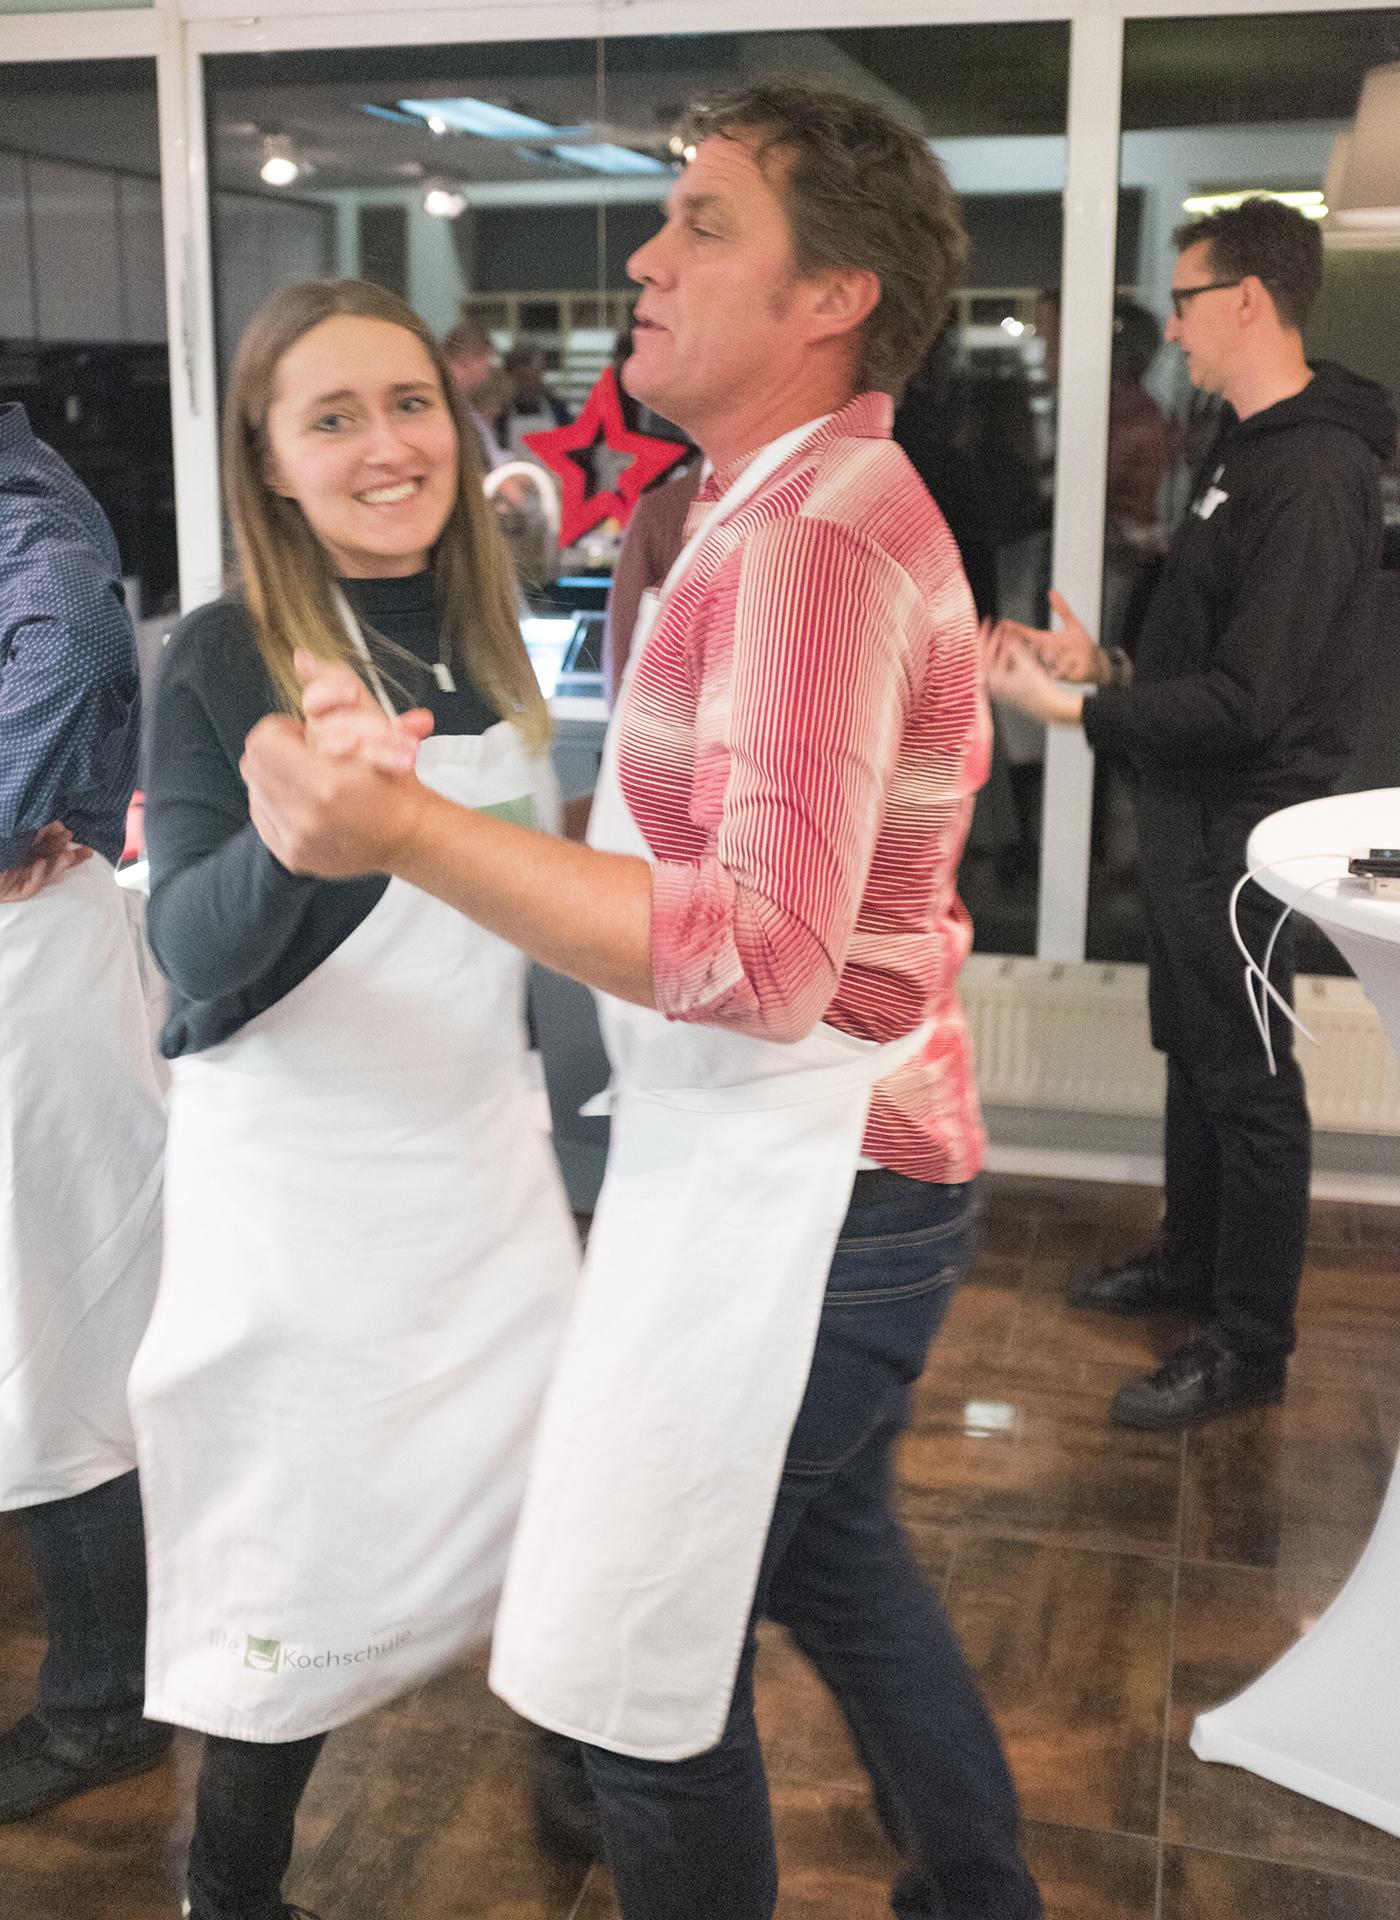 Lars und Caro tanzen